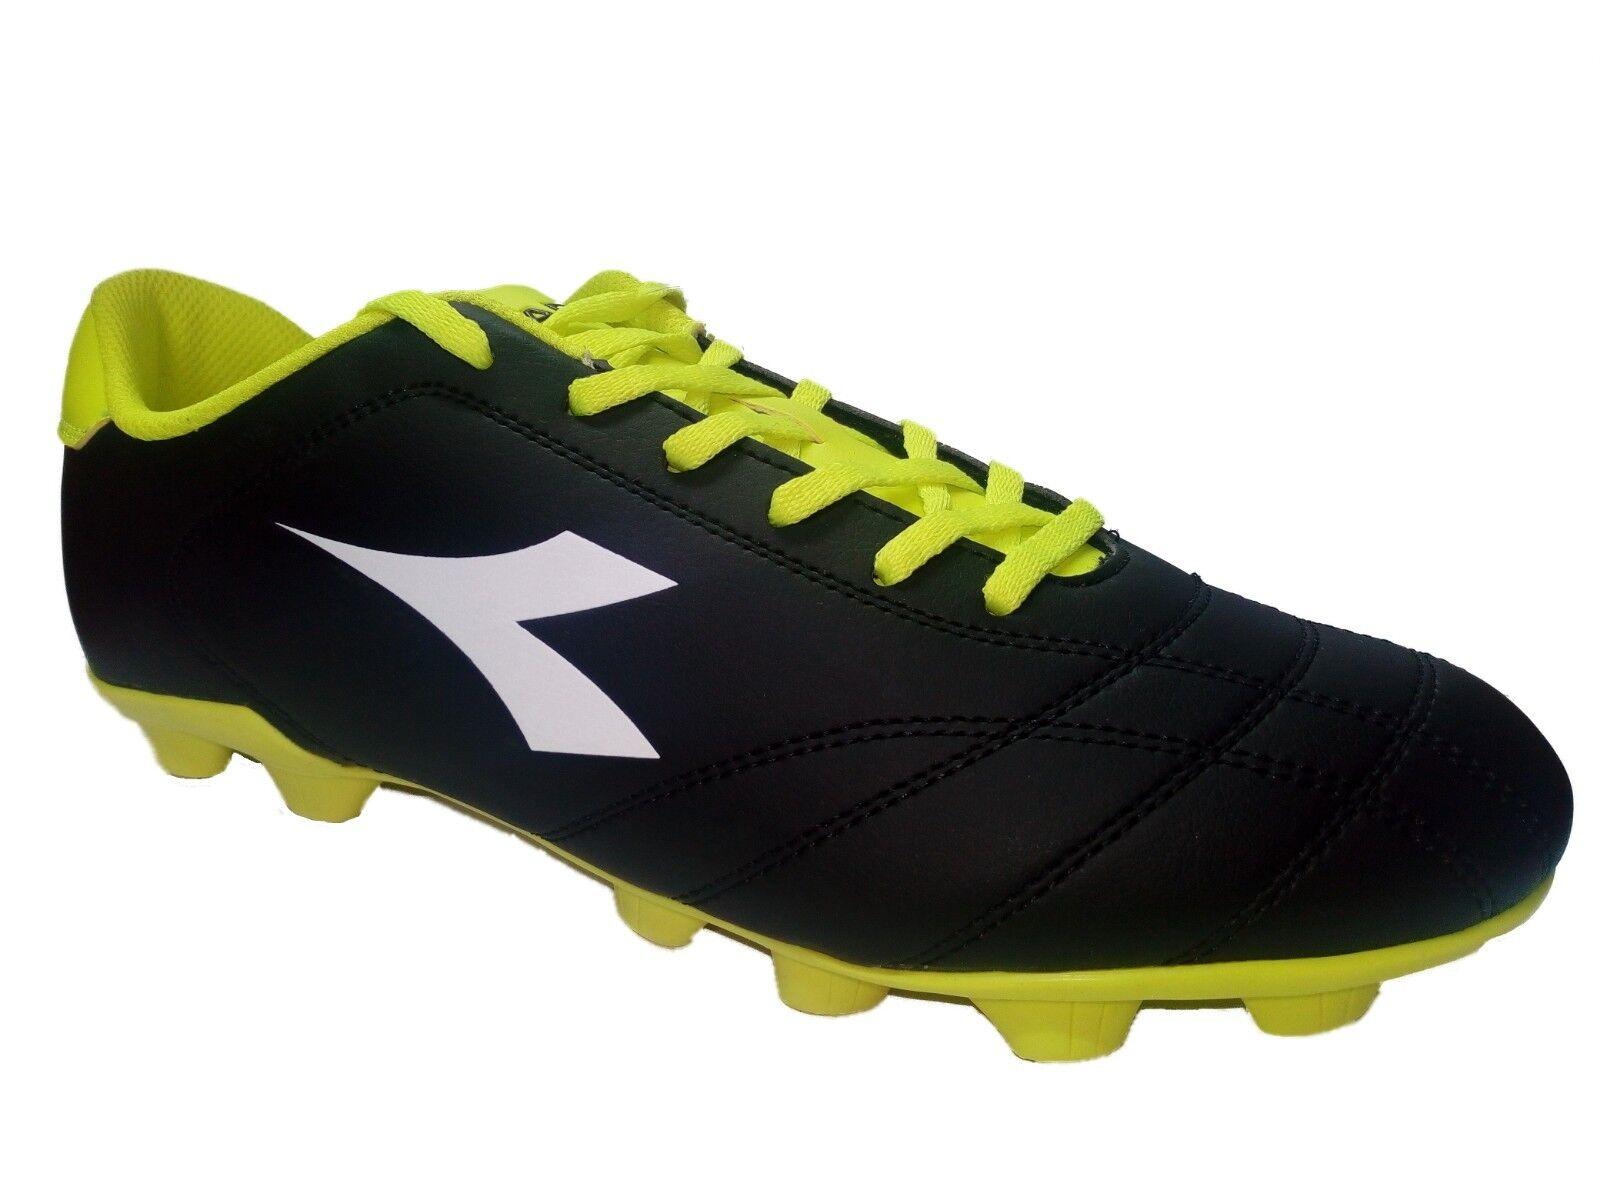 Schuhe UOMO CALCIO DIADORA 6PLAY MD IN PELLE cm NERO tg 42.5 cm PELLE 27 942048